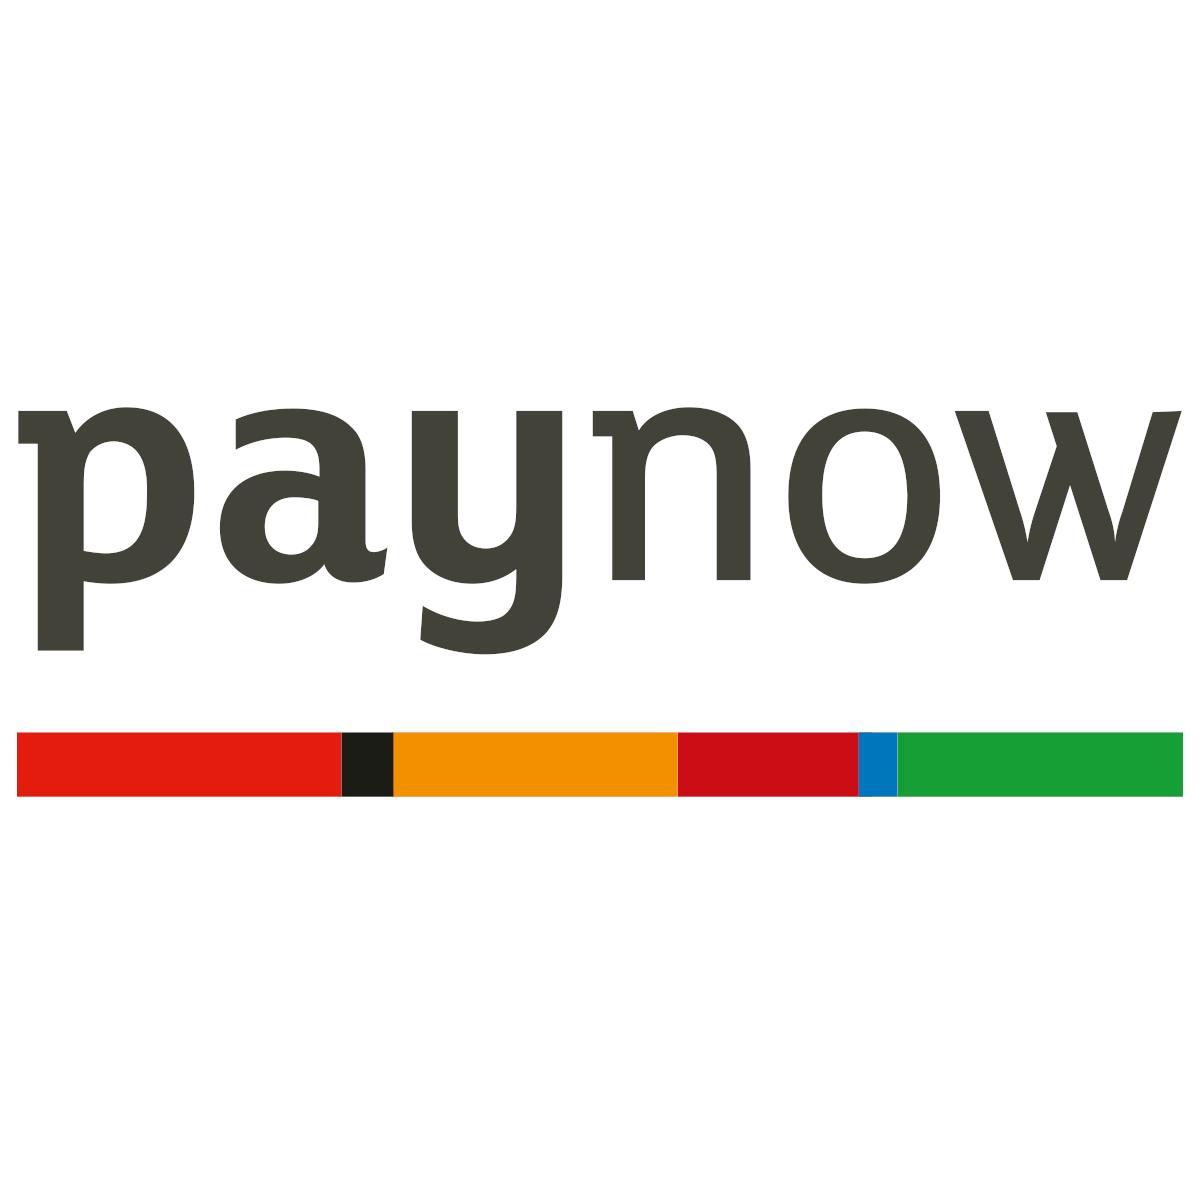 Za swoje zamówienie możesz zapłacić szybkimi płatności online. Do wyboru kilkadziesiąt banków, płatność mobilna BLIK oraz karty płatnicze Visa i Mastercard.